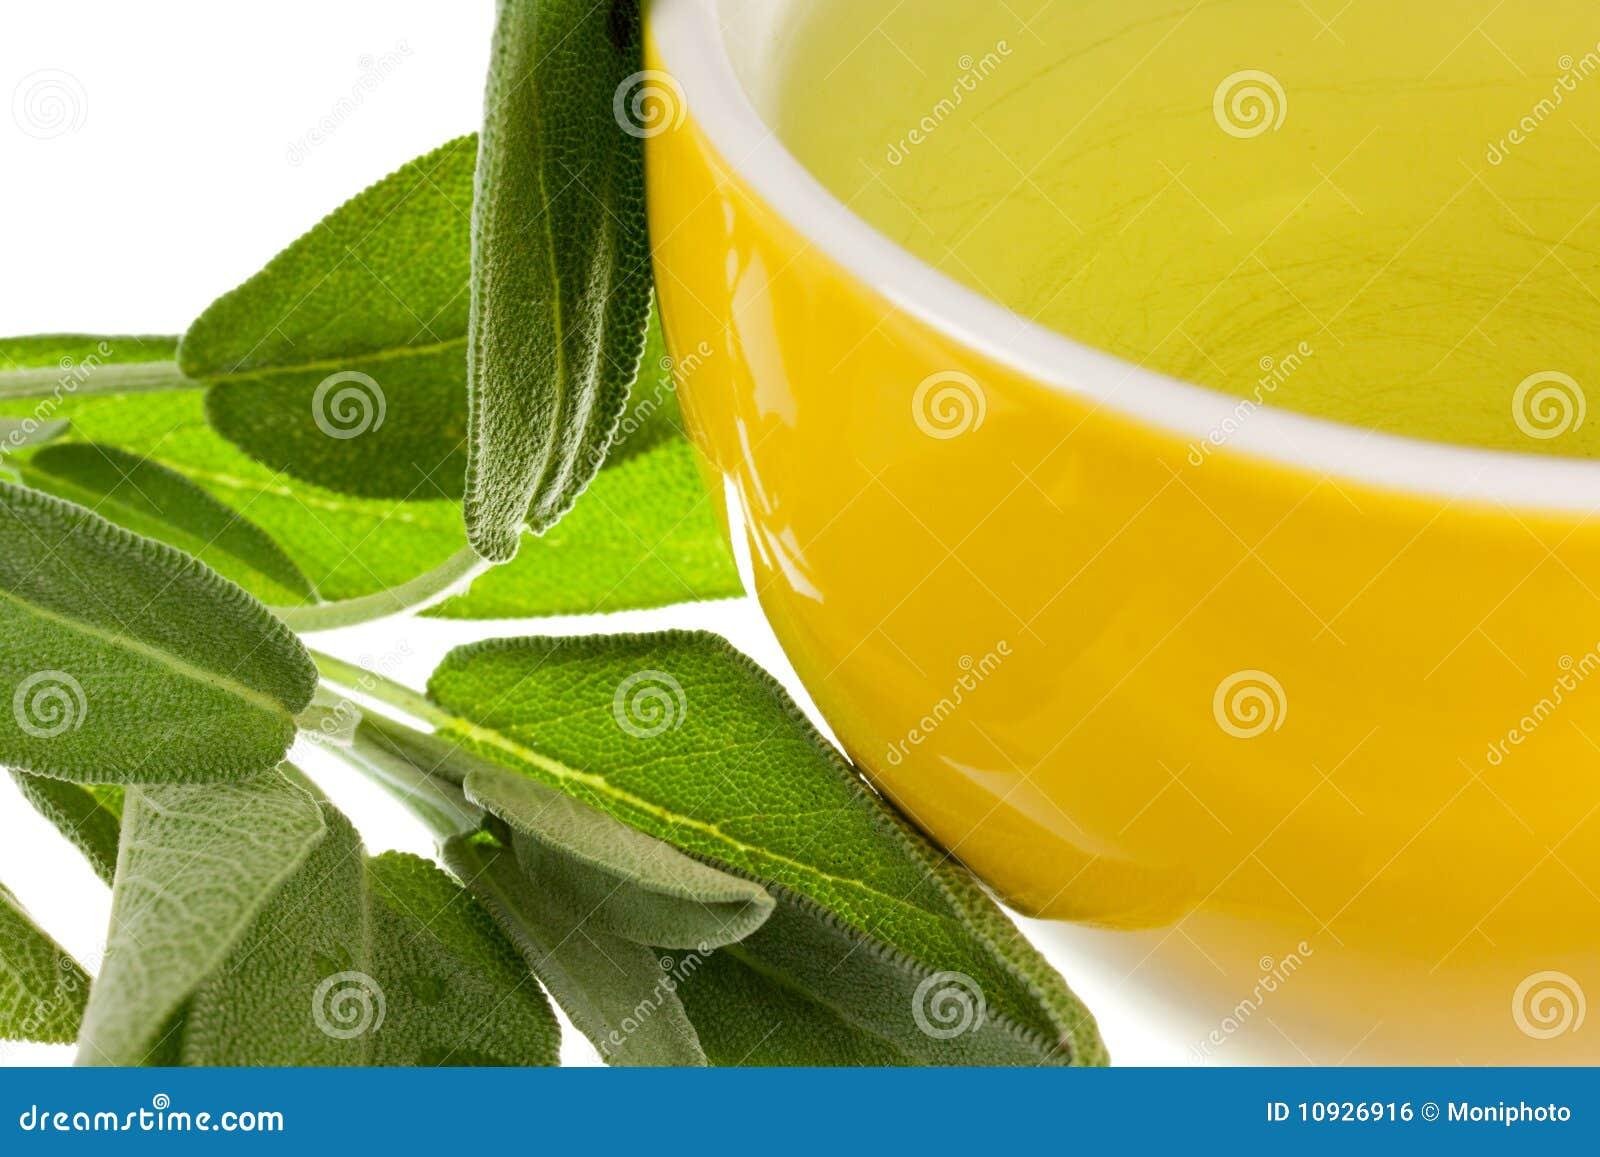 засадите мудрый чай